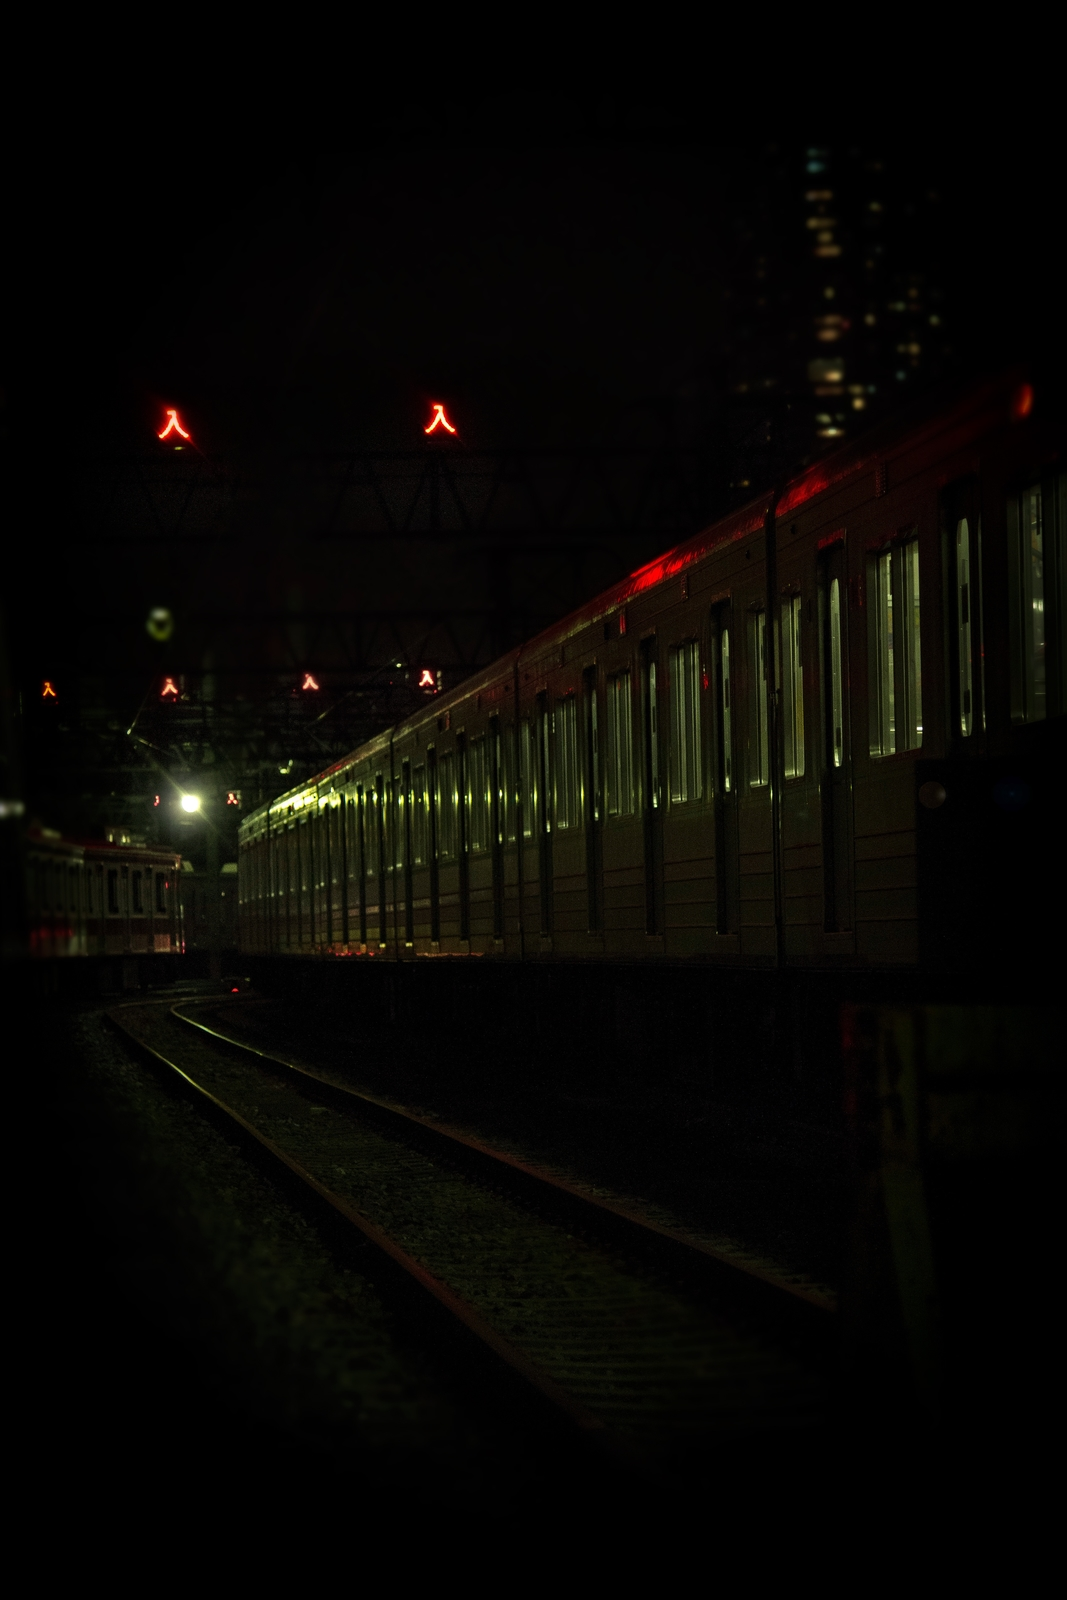 車庫に入った電車(夜間)車庫に入った電車(夜間)